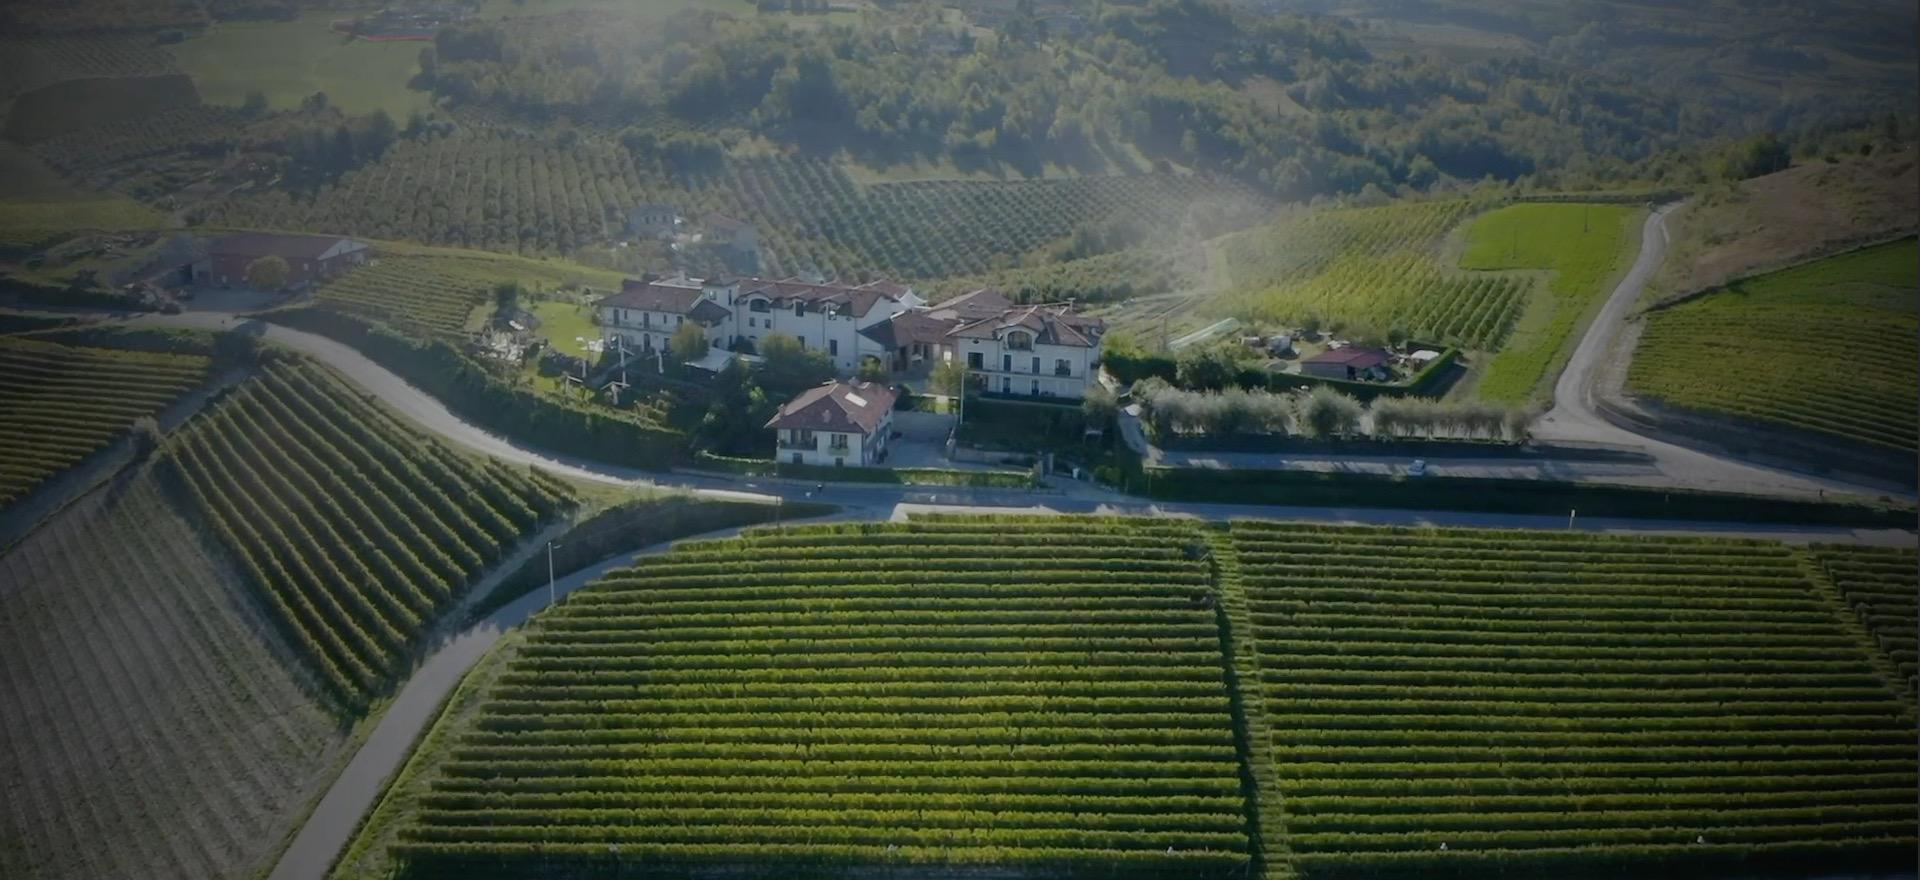 Agriturismo Piemonte, goed restaurant en wijnkelder